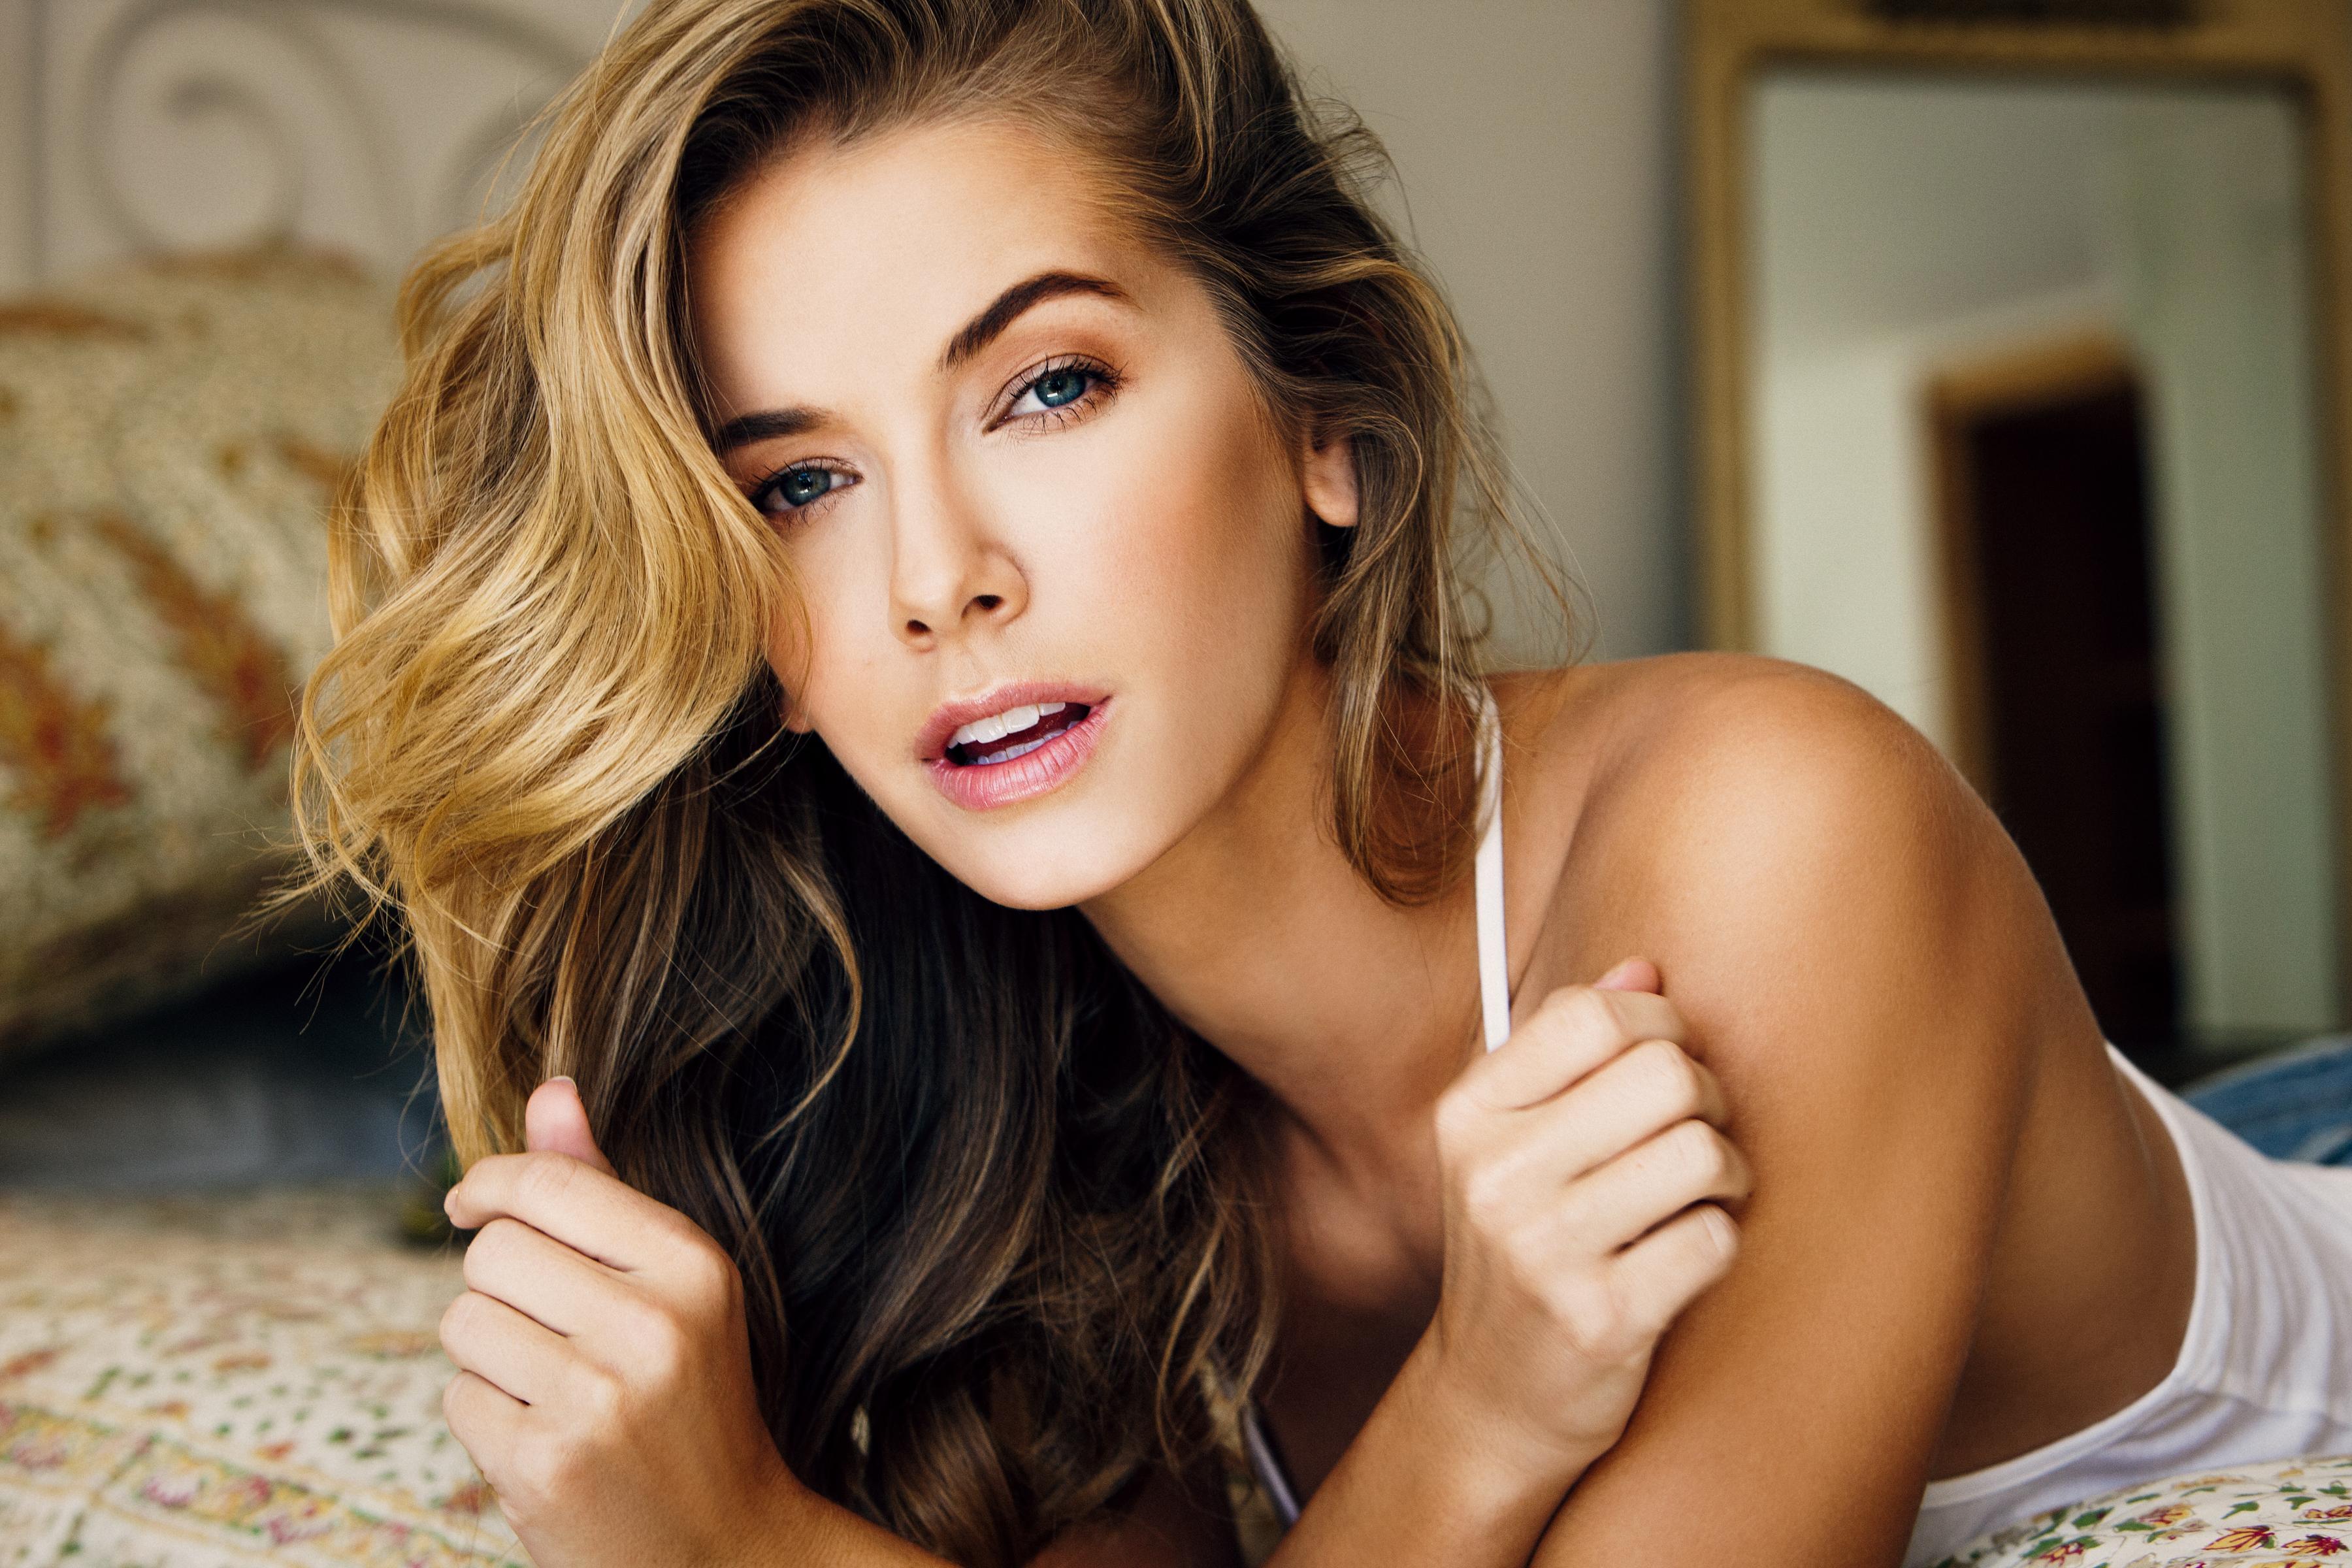 Оливия Джордан Томас – американская актриса, модель и королева красоты